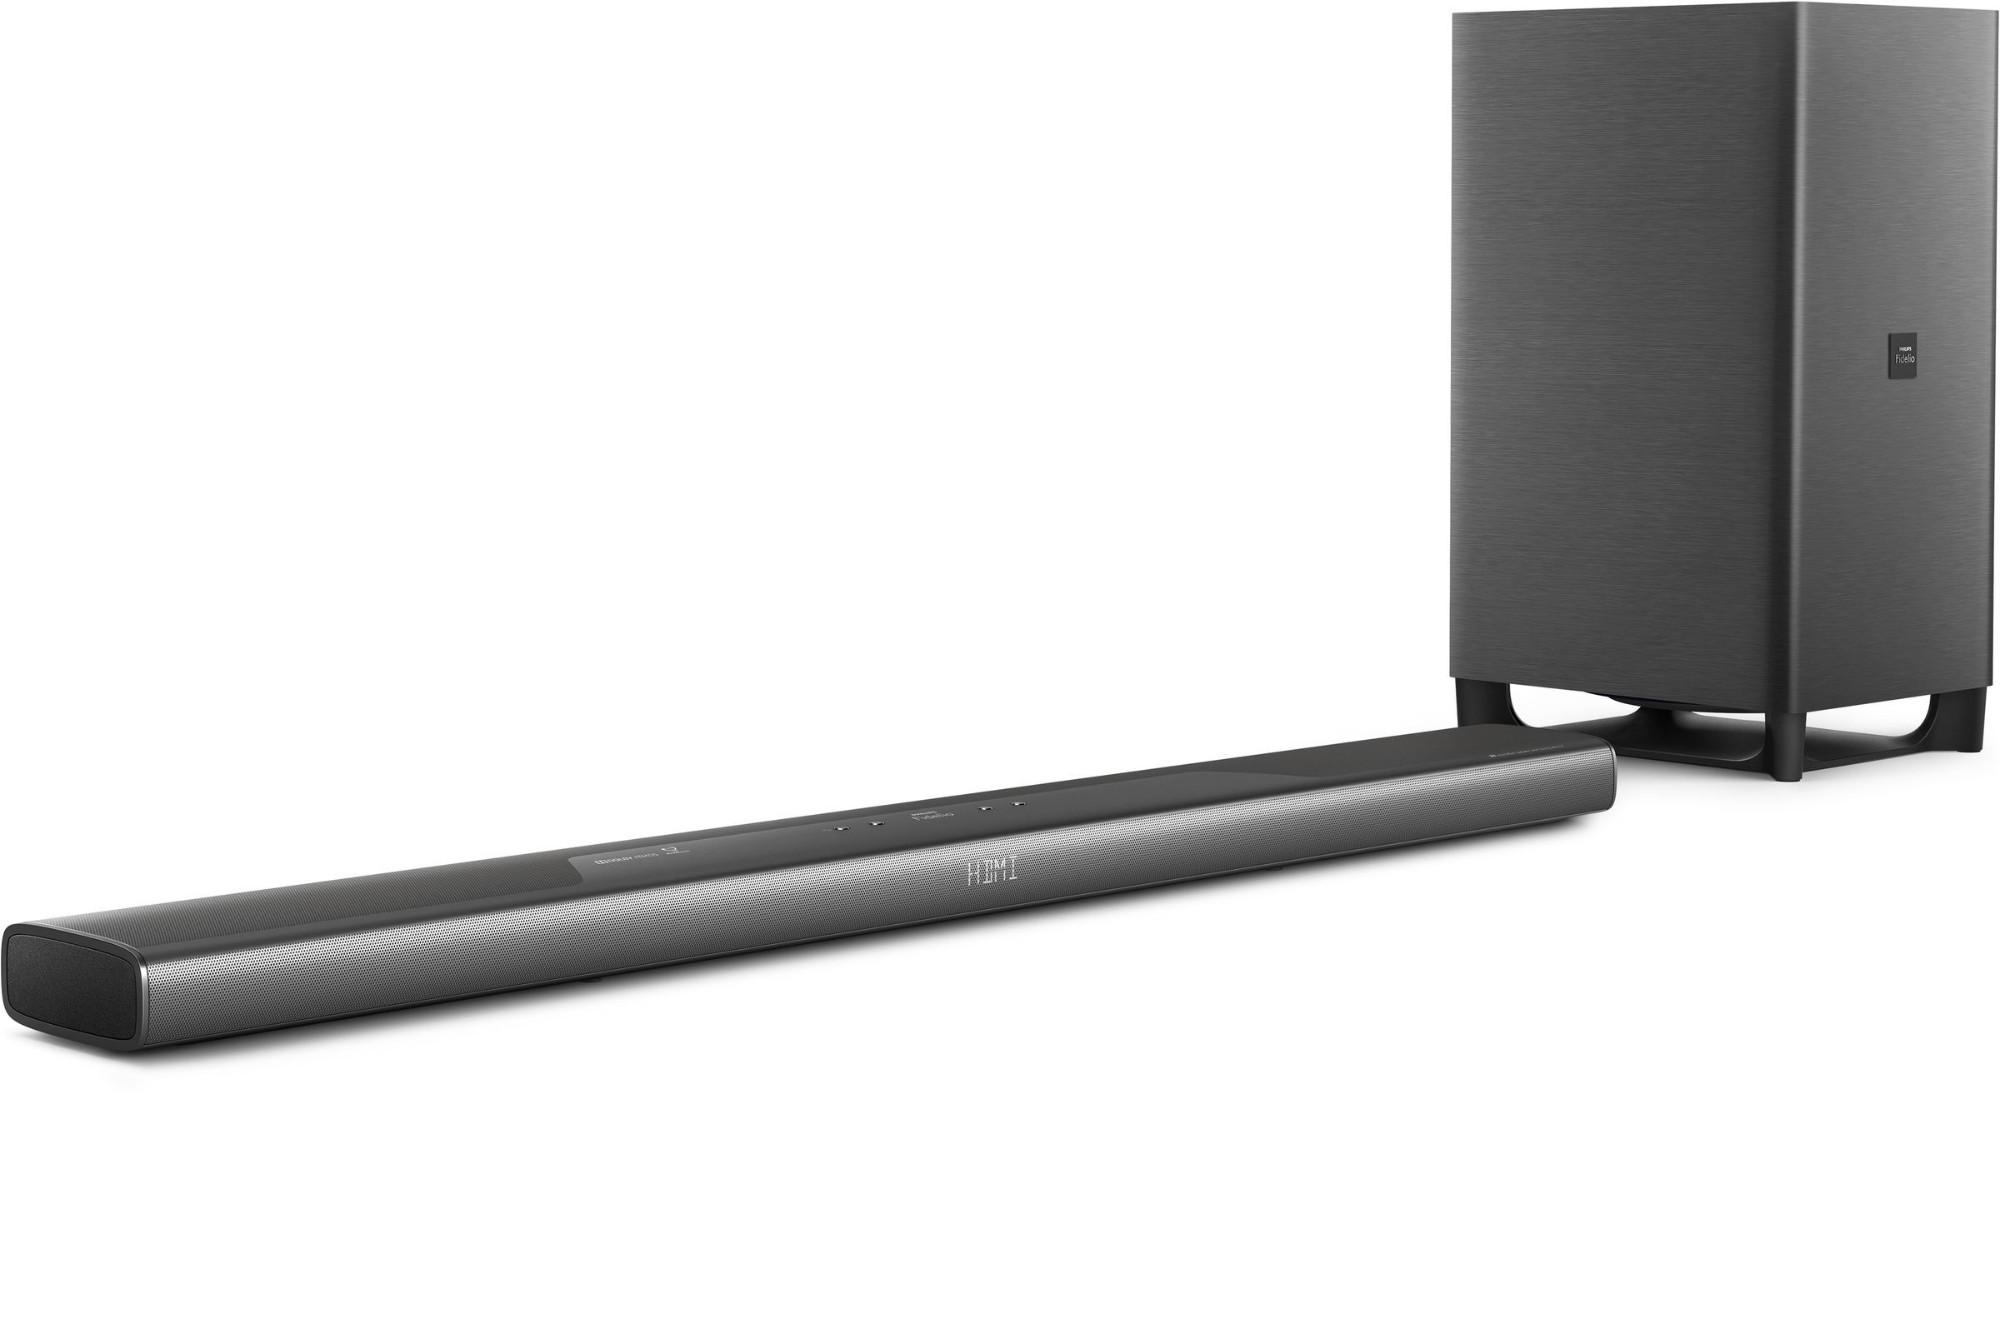 Philips Fidelio SkyQuake soundbar speaker B8/12